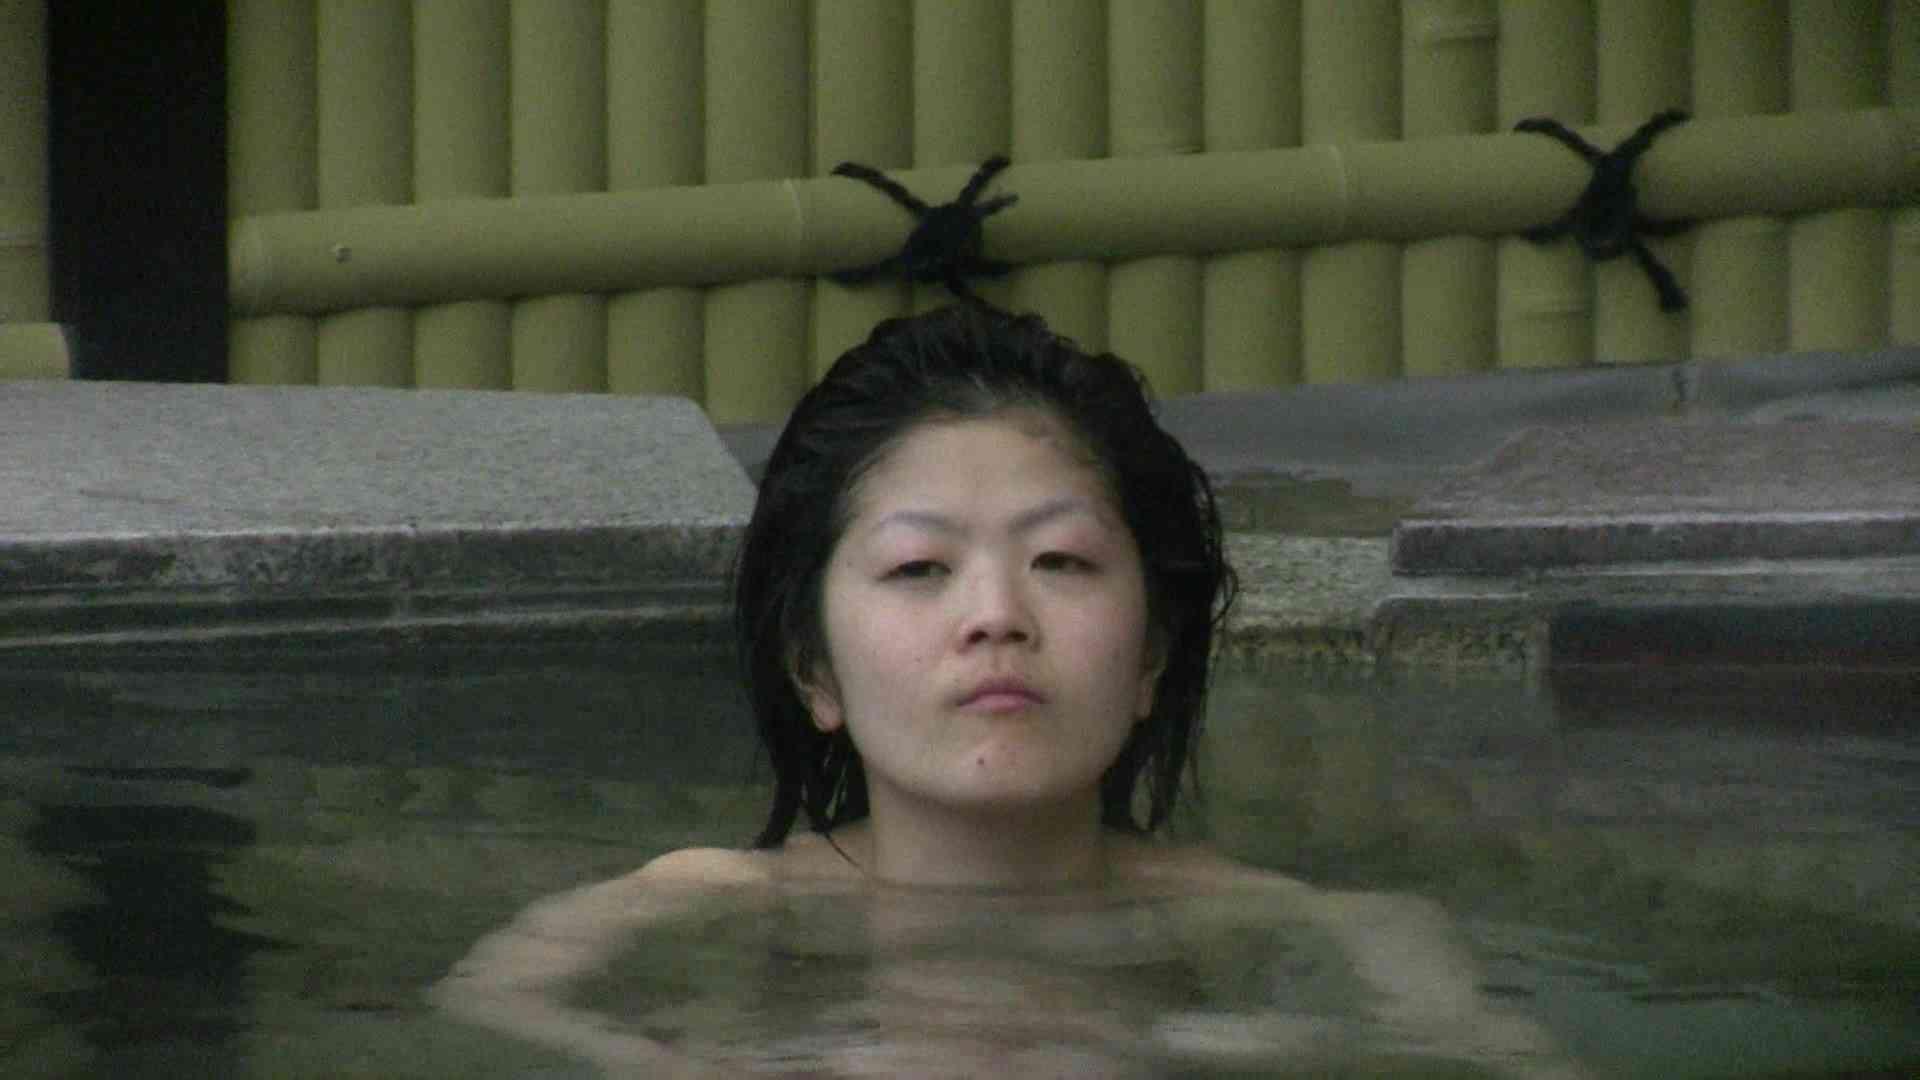 Aquaな露天風呂Vol.538 OLのエロ生活  90連発 54